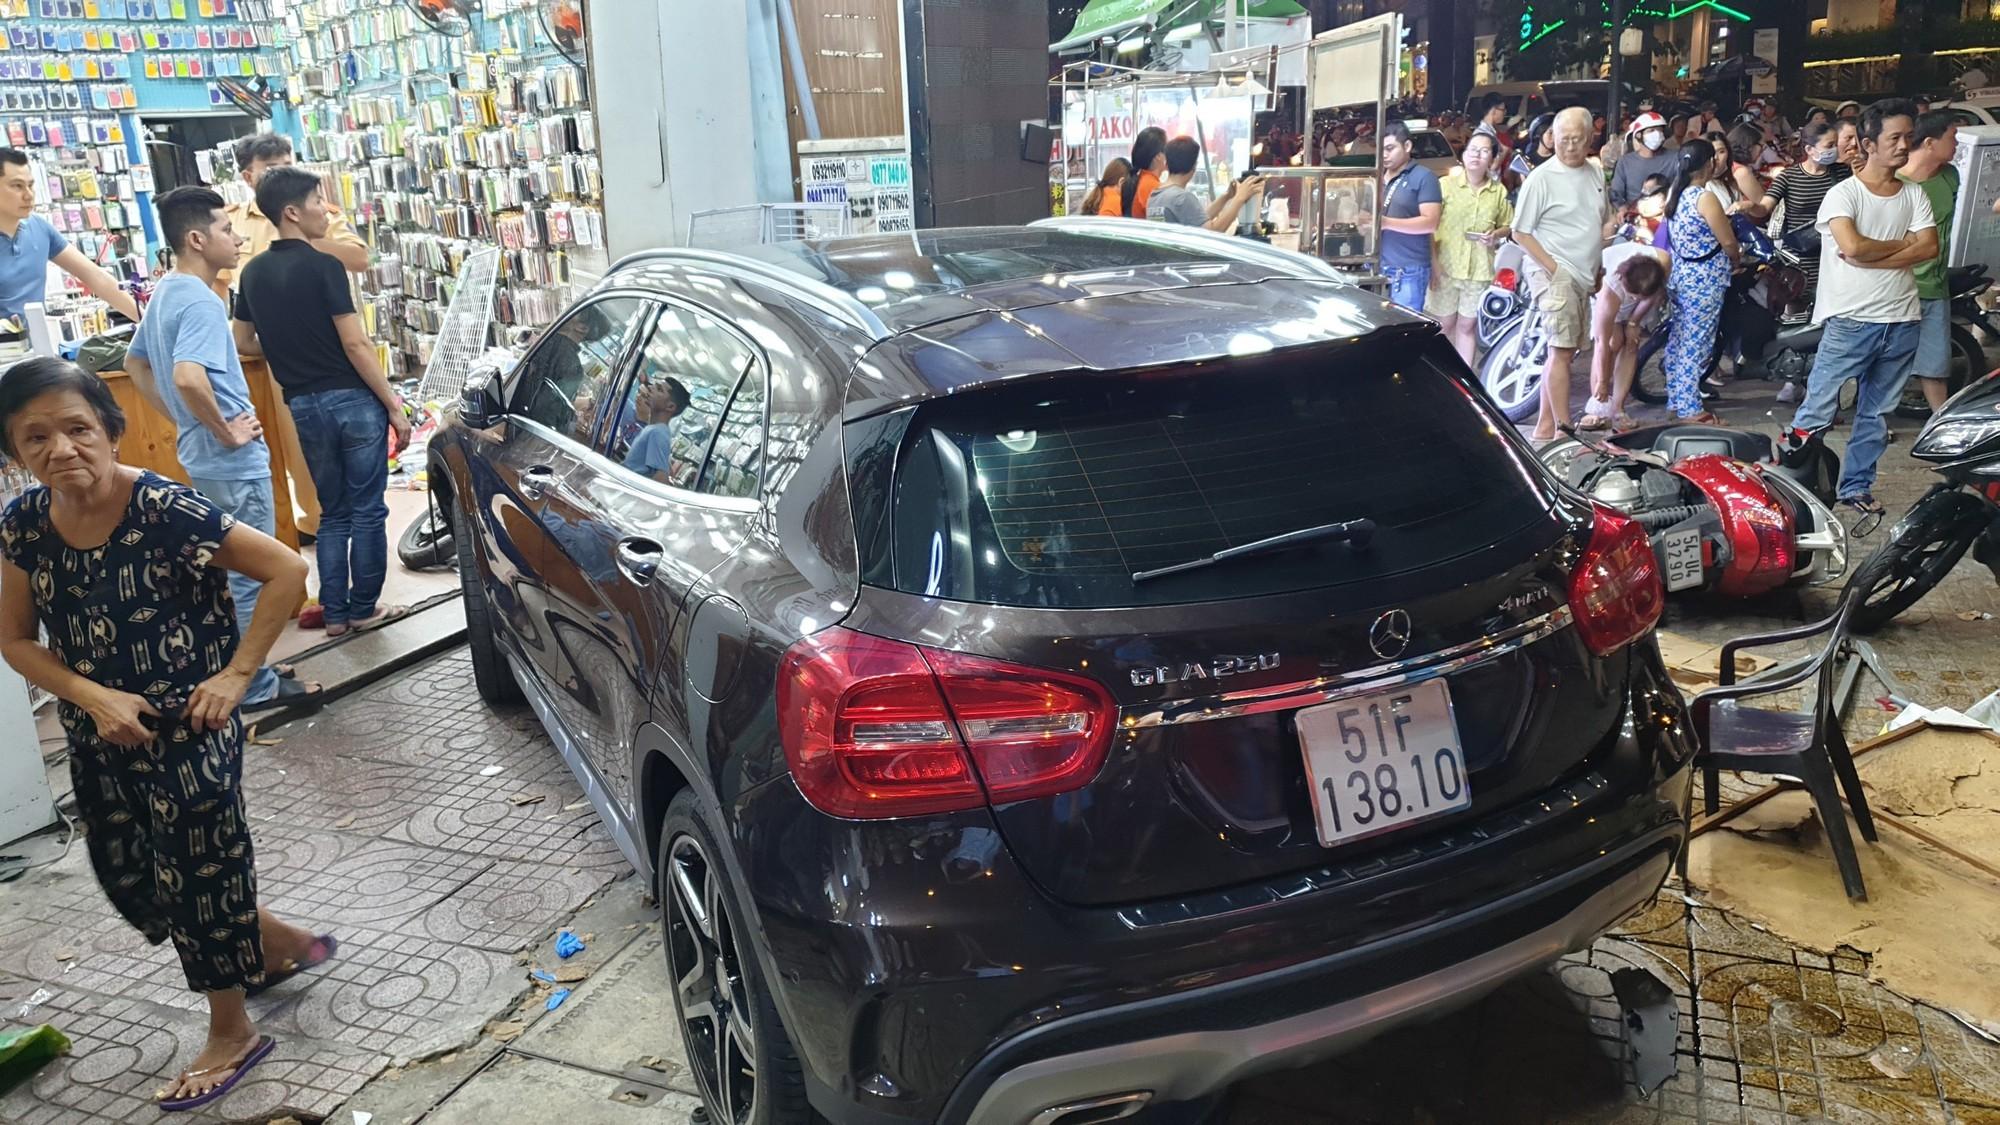 TP.HCM: Nữ tài xế lái Mercedes tông hàng loạt xe máy, nhiều người nằm la liệt trên đường - Ảnh 1.